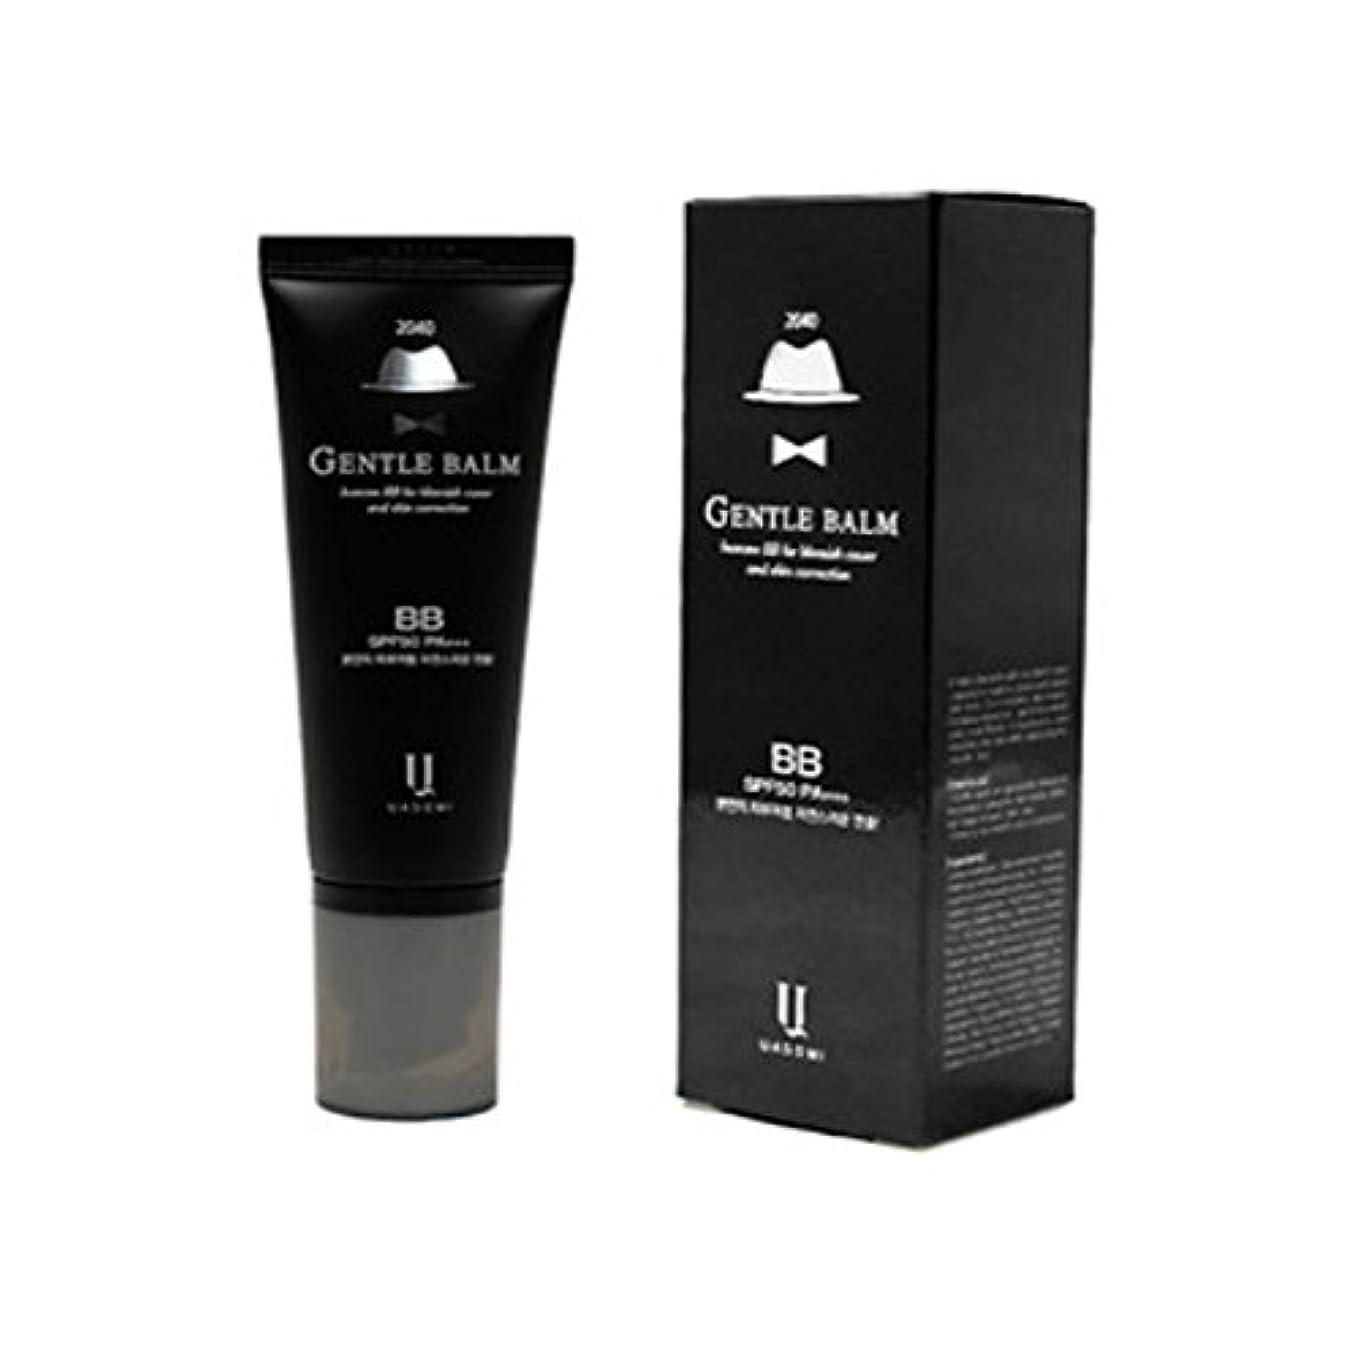 収縮延ばす気楽な(男 BB クリーム 韓国 日焼け止め) homme 2040 BB for blemish cover and skin correction korea beauty Gentle bam SFP50 PA+++ (...